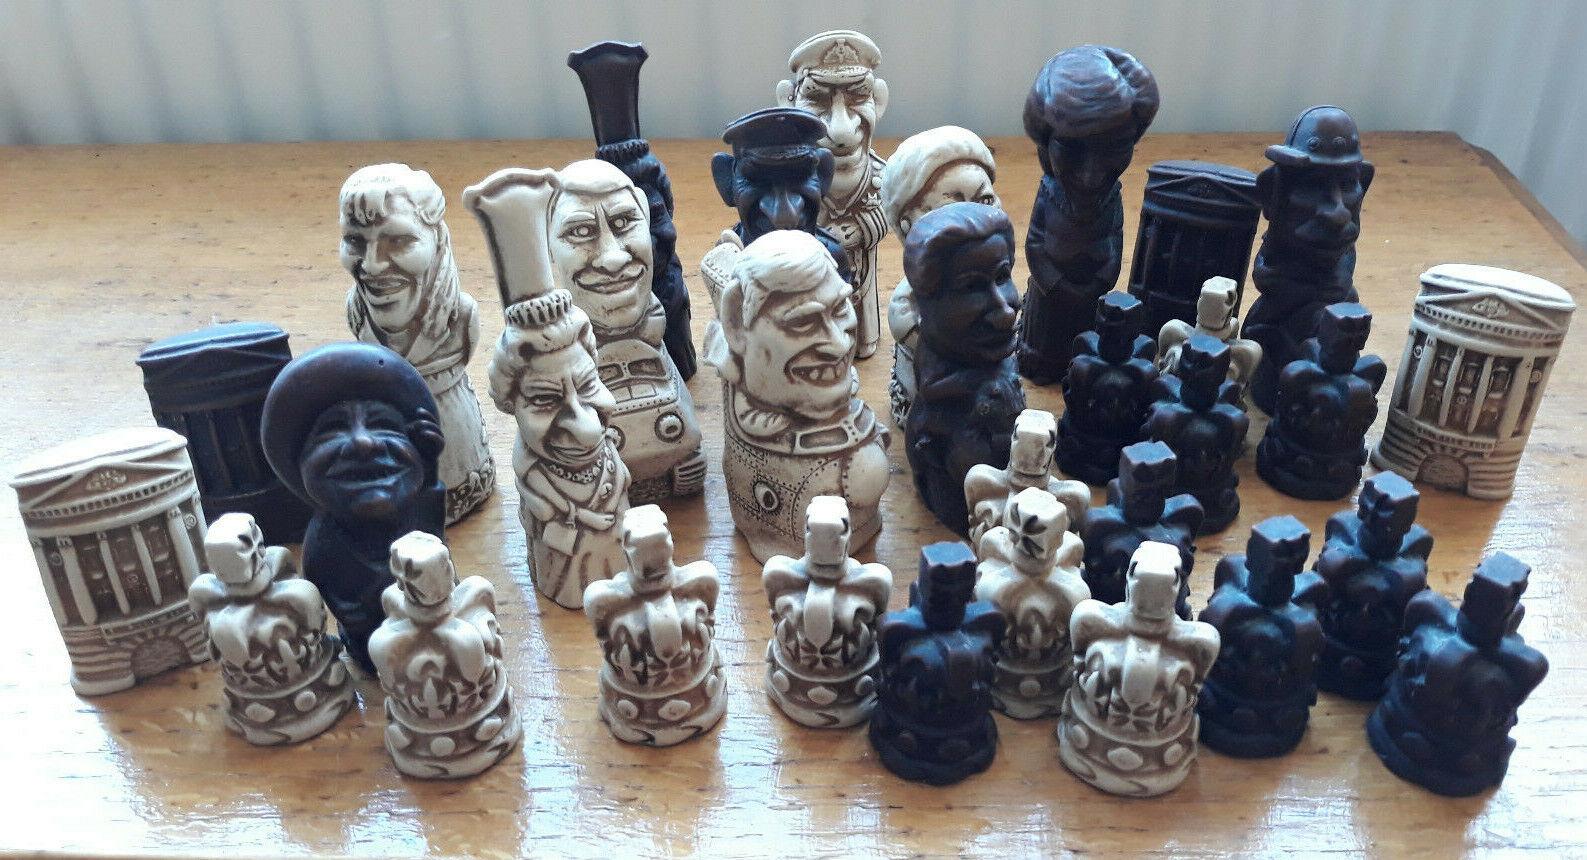 Famille royale années 1980 voitureICATURE  chess set. Vintage. Royals. Résine. belle objet  marques de créateurs bon marché